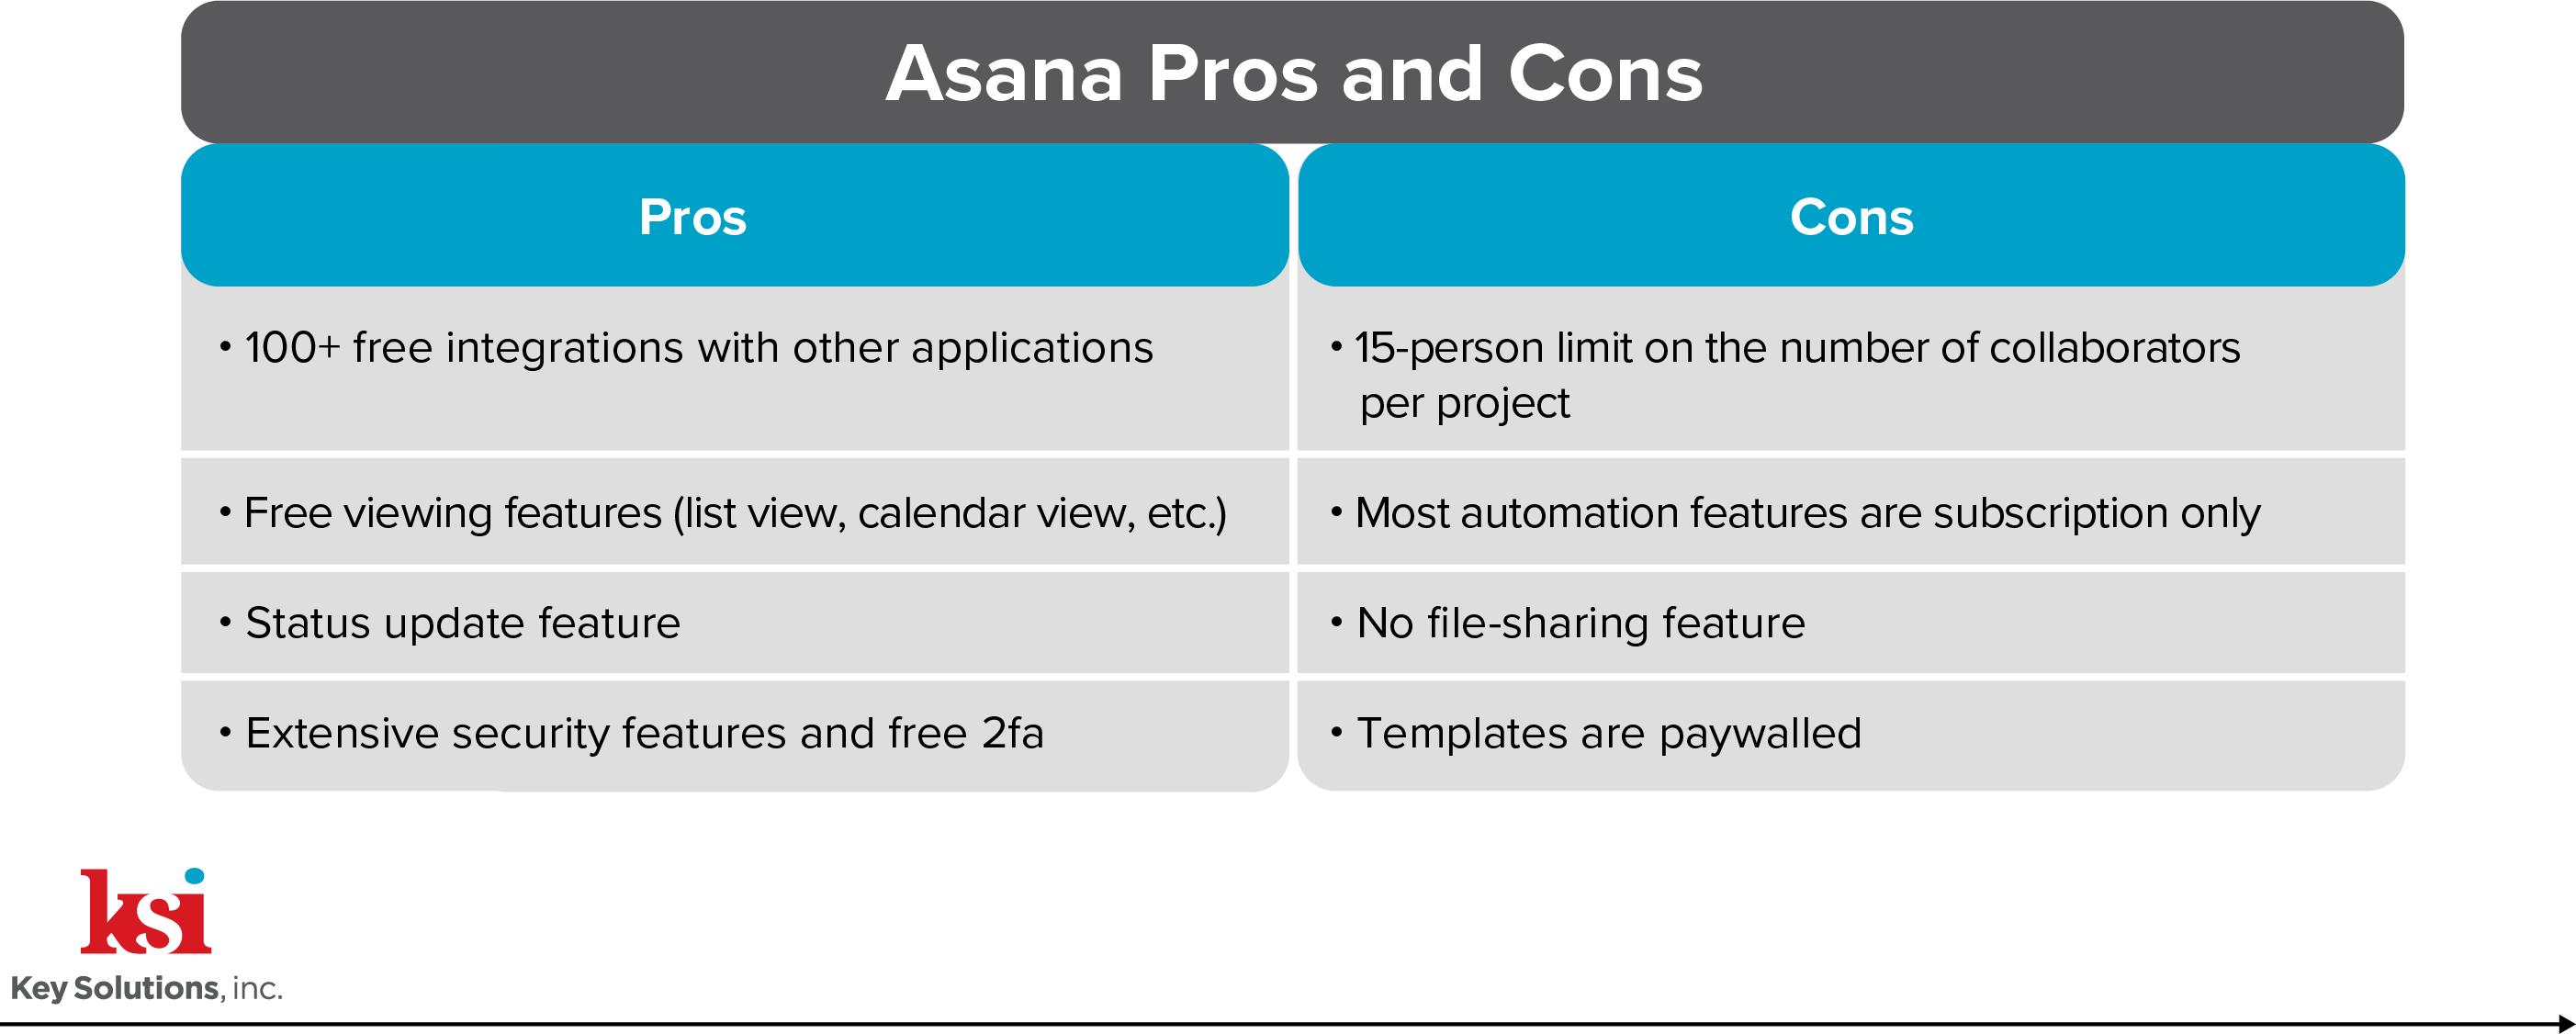 Table 2 Asana